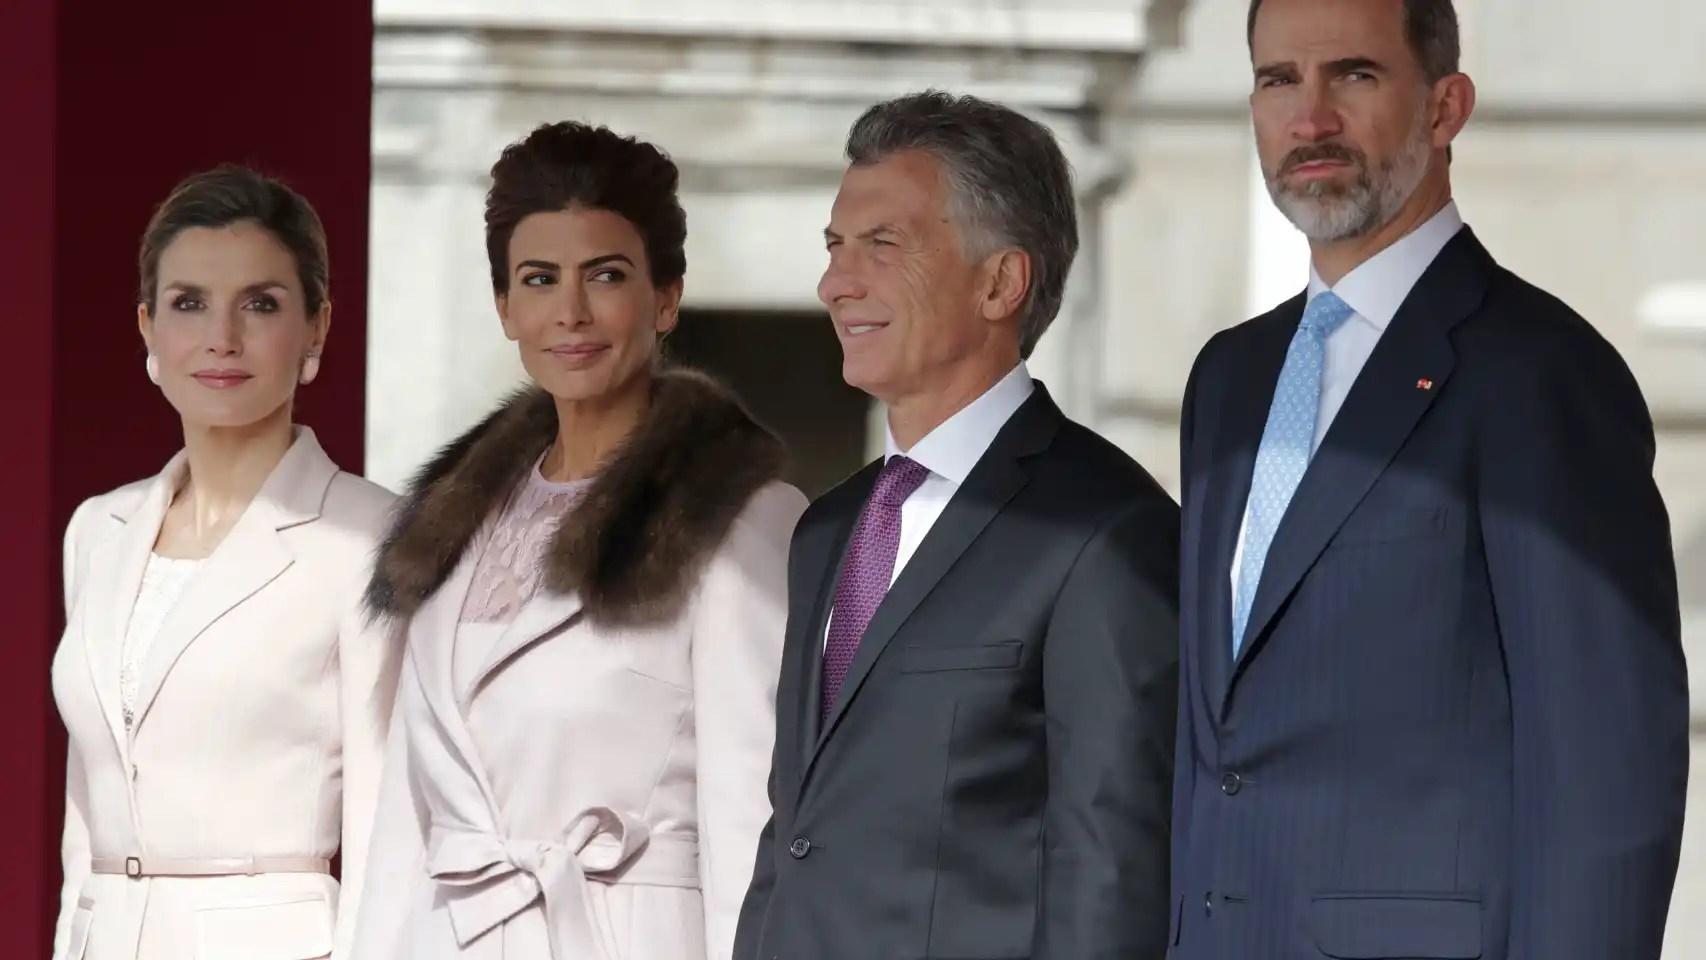 Letizia, Juliana Awada, Mauricio Macri y Felipe VI.